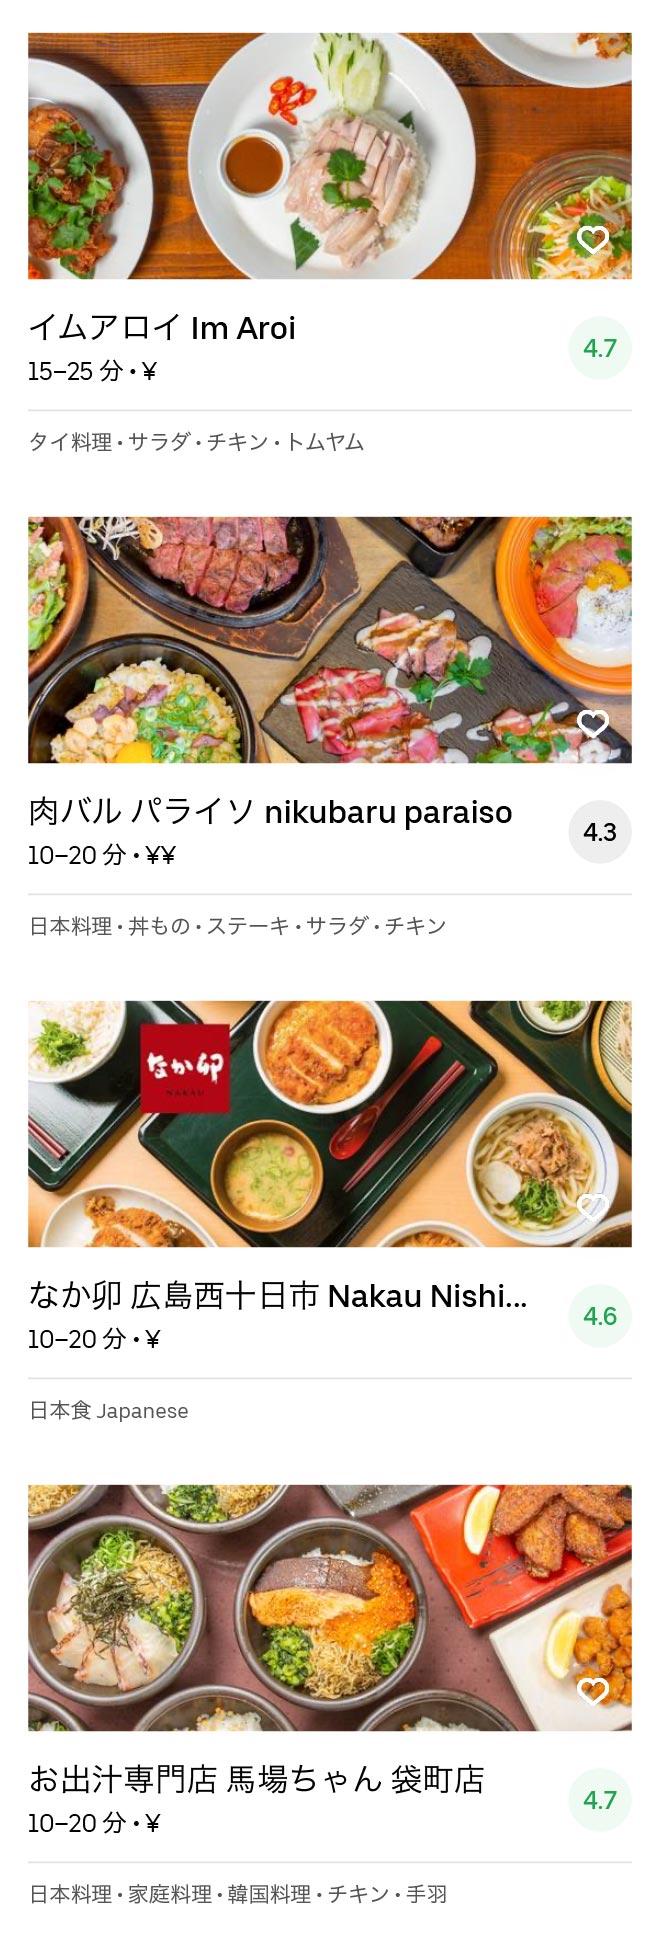 Hiroshima toukaimachi menu 2005 08